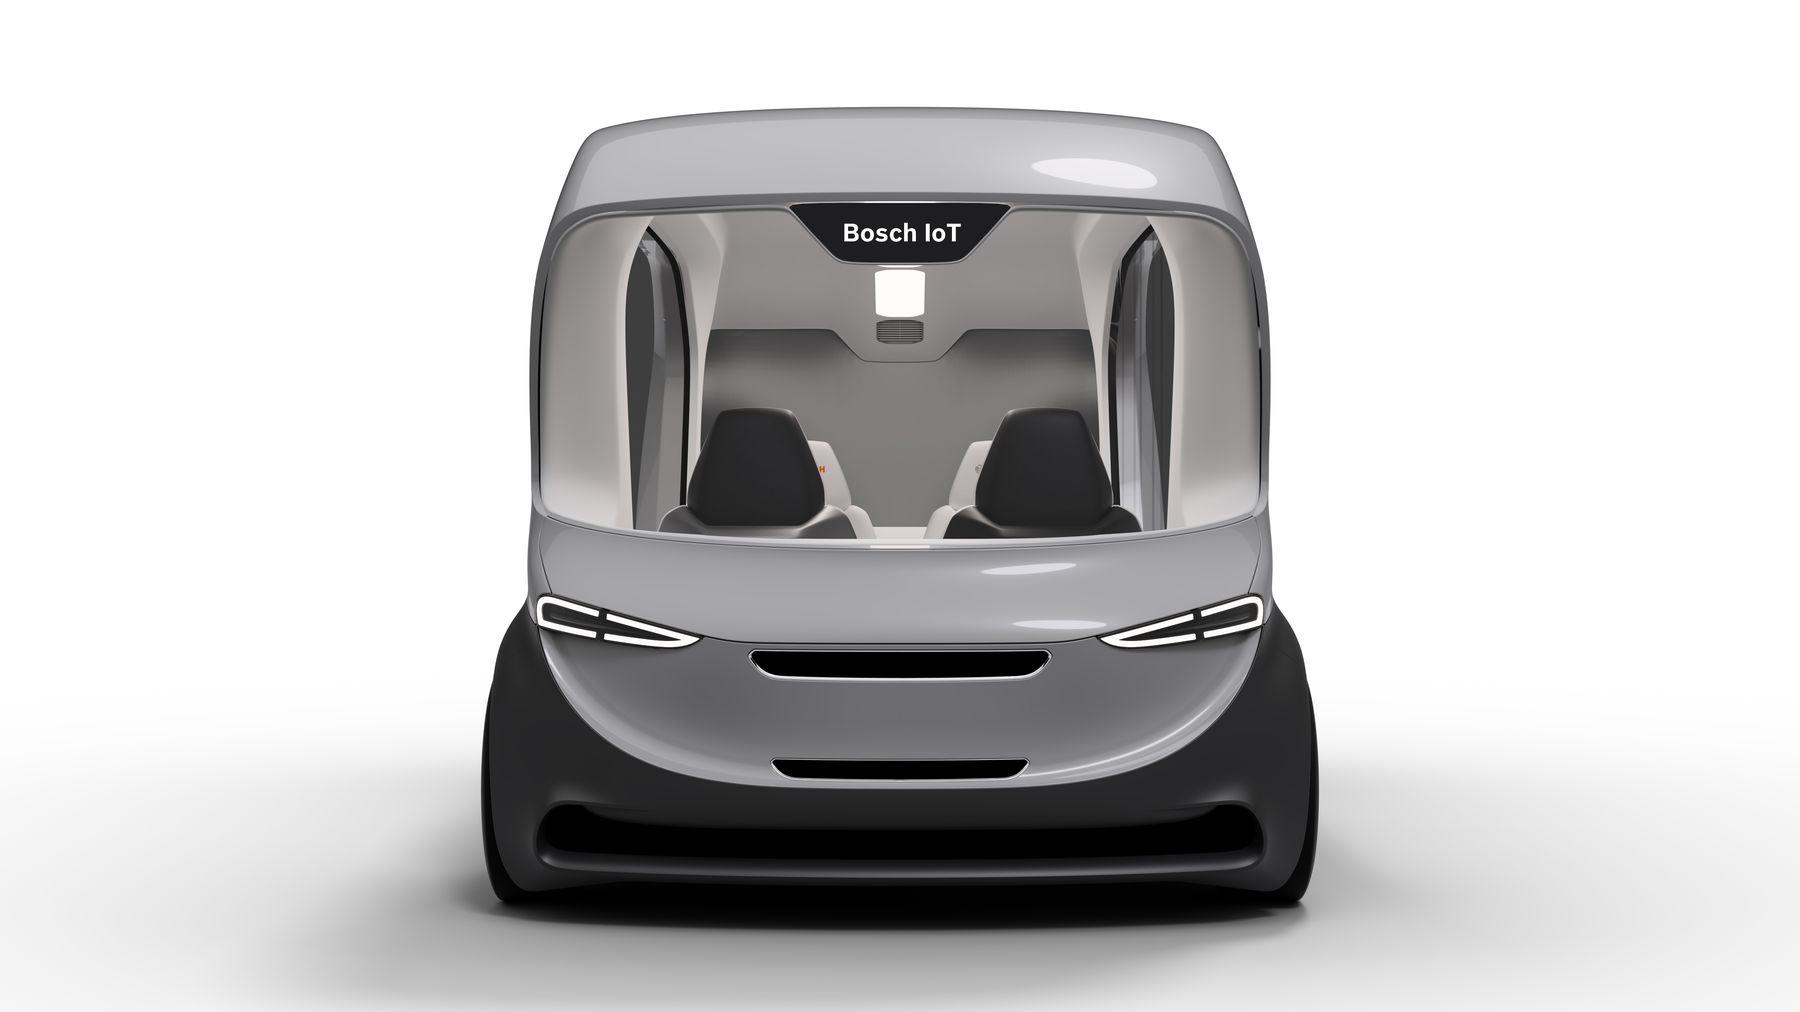 Bosch_Shuttle_AutoRok_2019_11